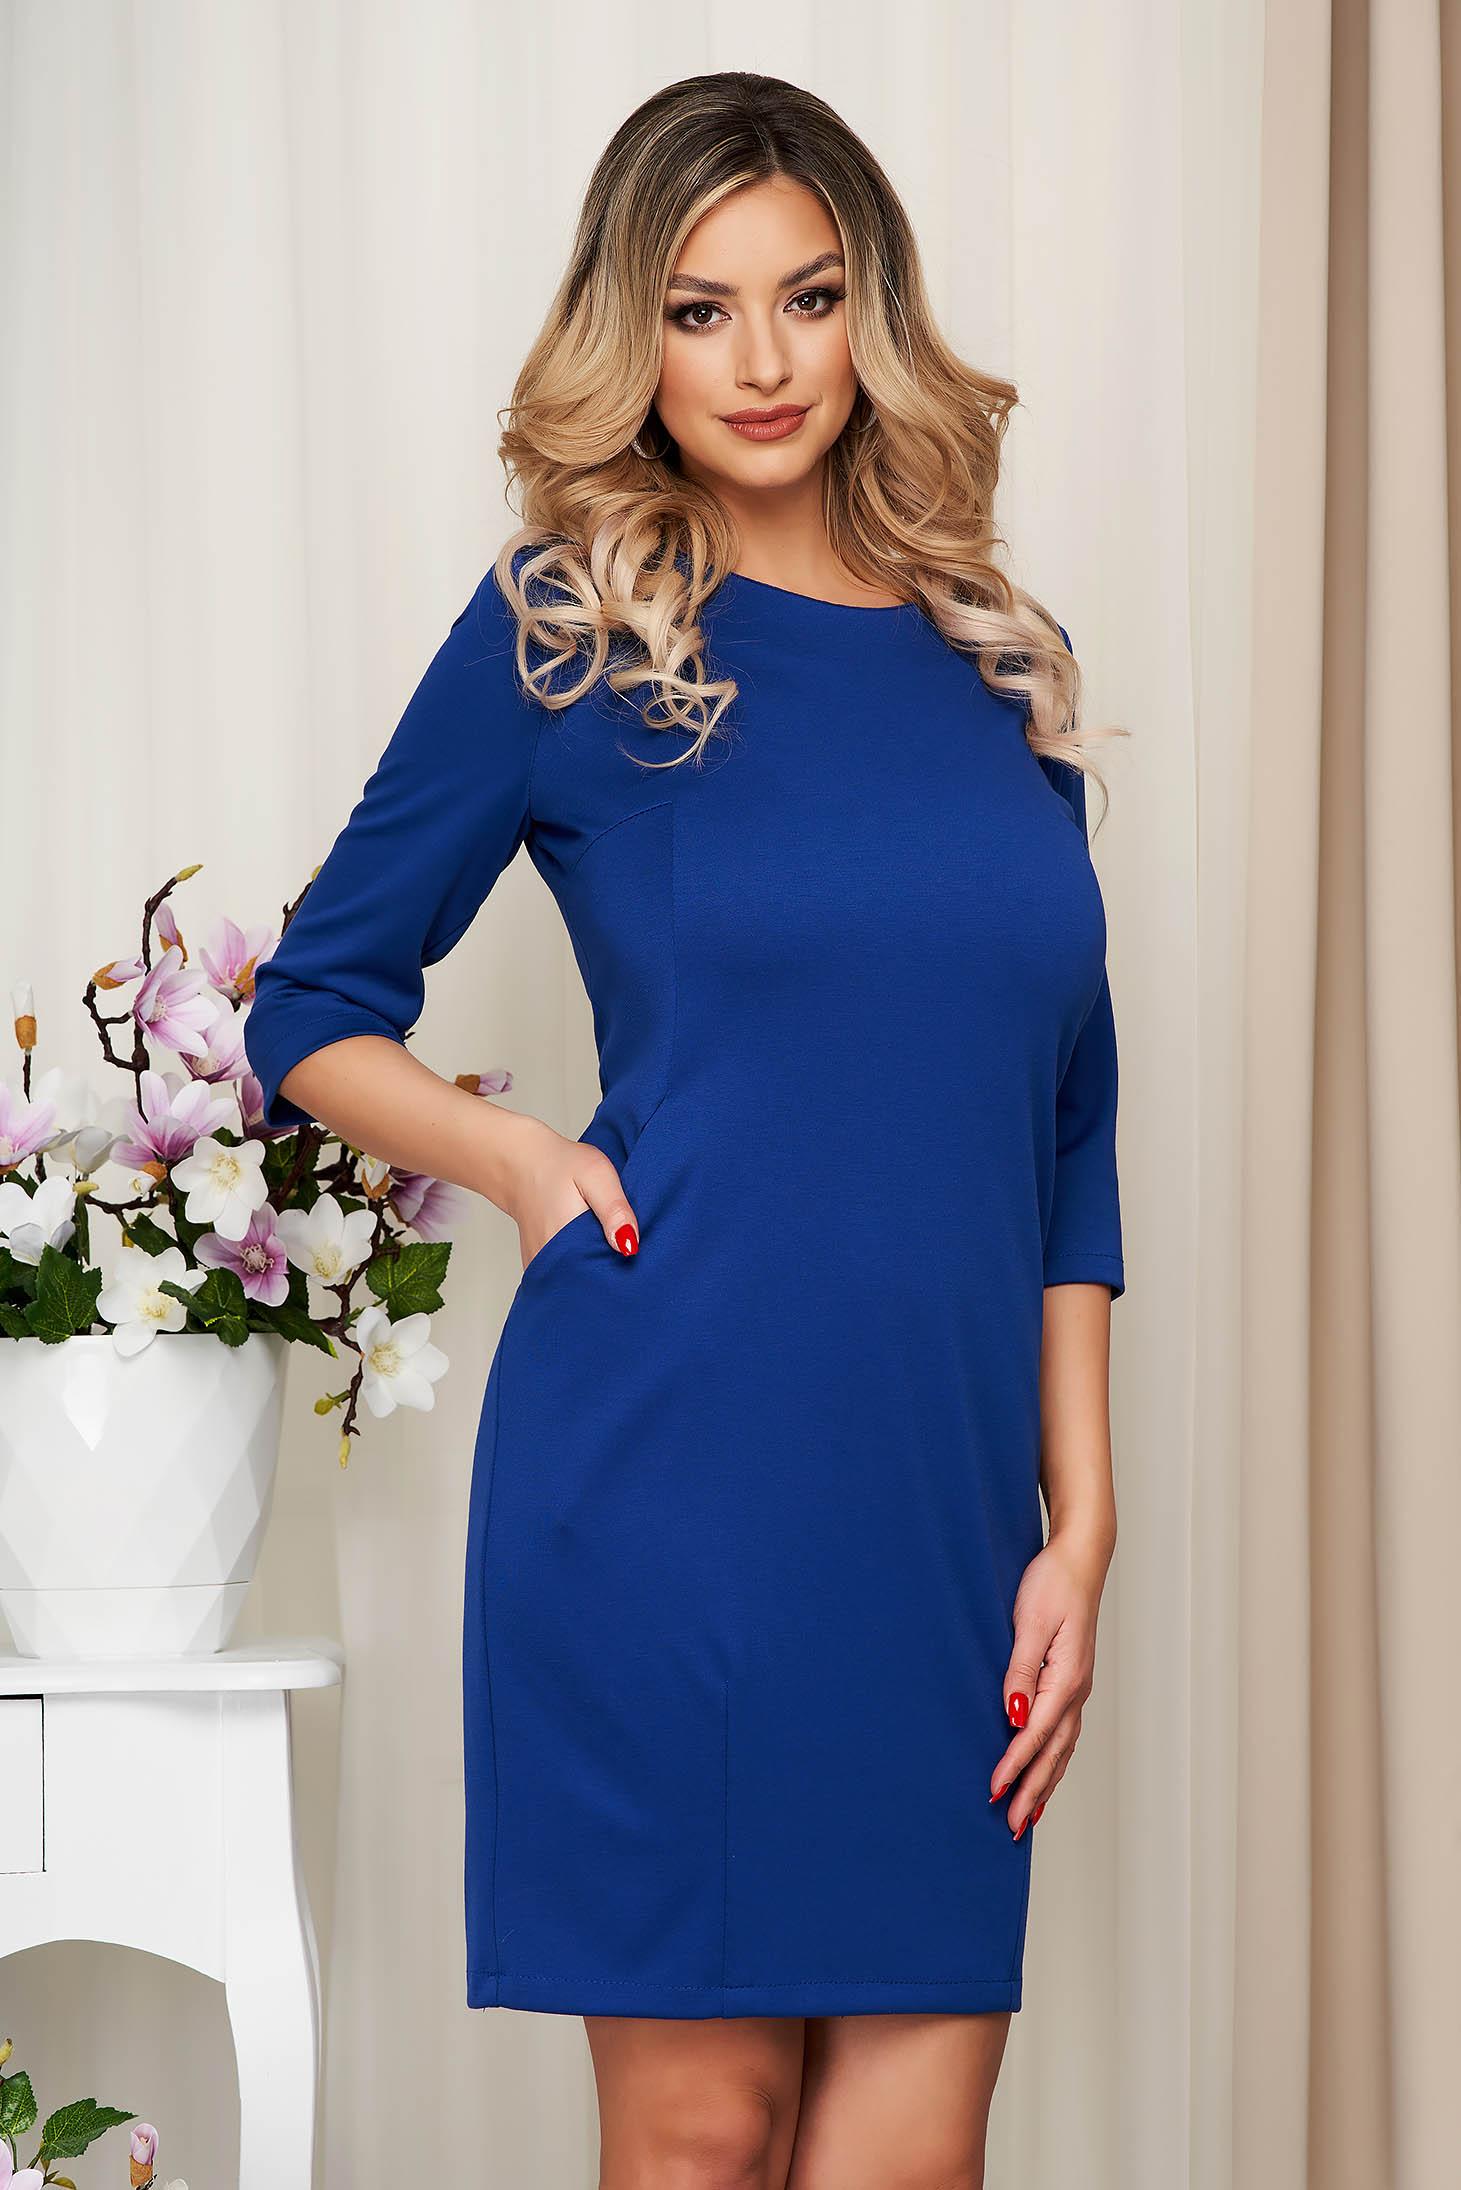 Rochie Lady Pandora albastru regal office din material usor elastic cu un croi drept cu buzunare